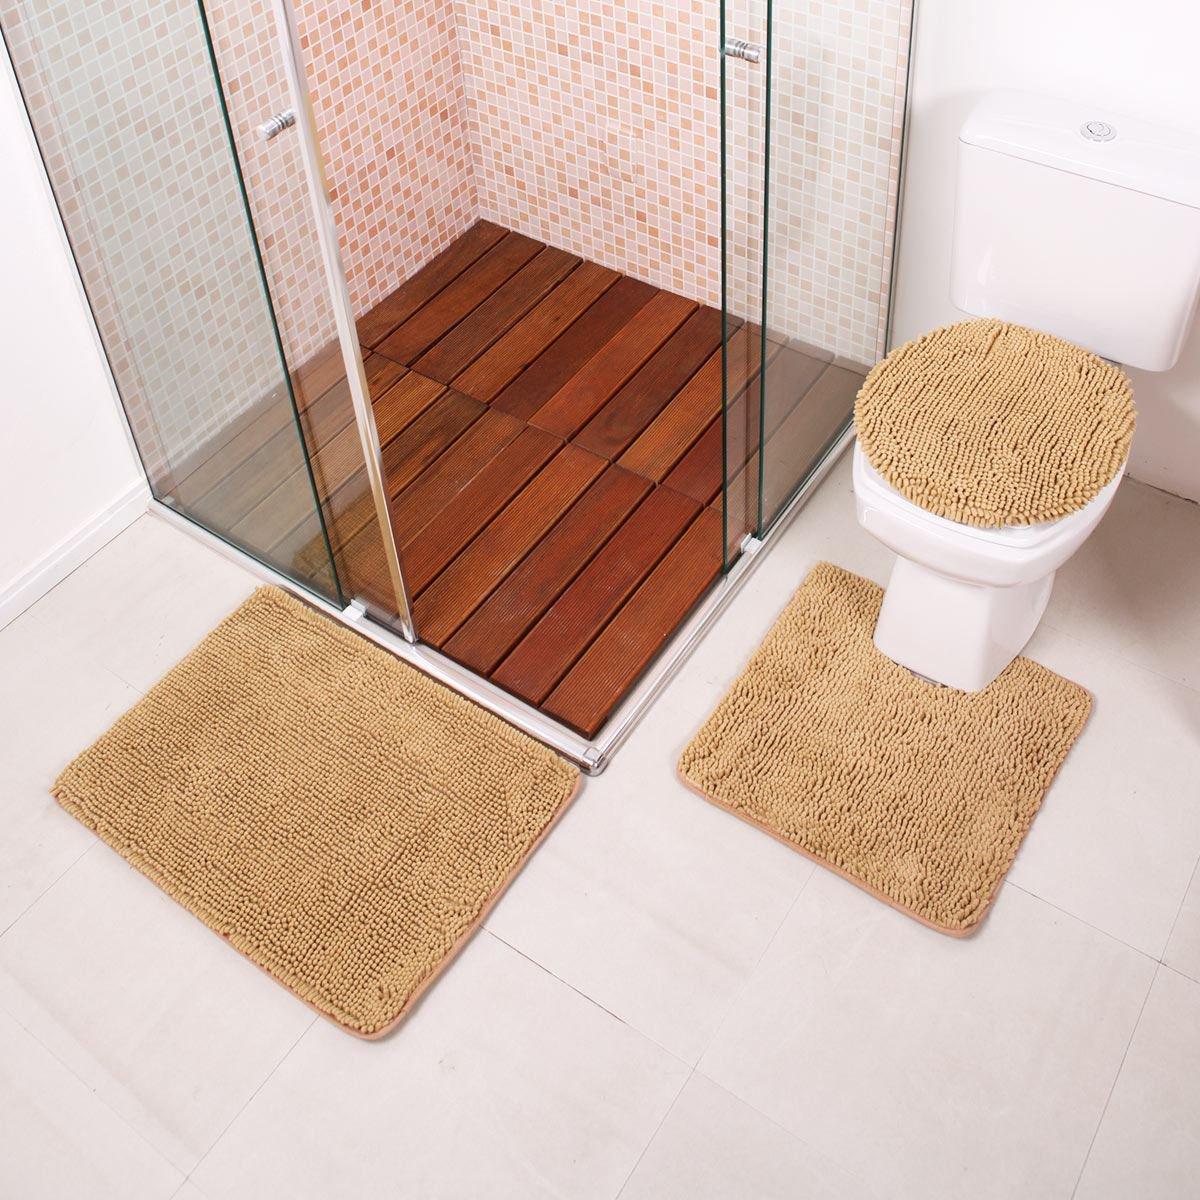 de Tapetes para Banheiro Lages 3 Peças Finecasa Finecasa Tapetes  #6B4C3C 1200 1200